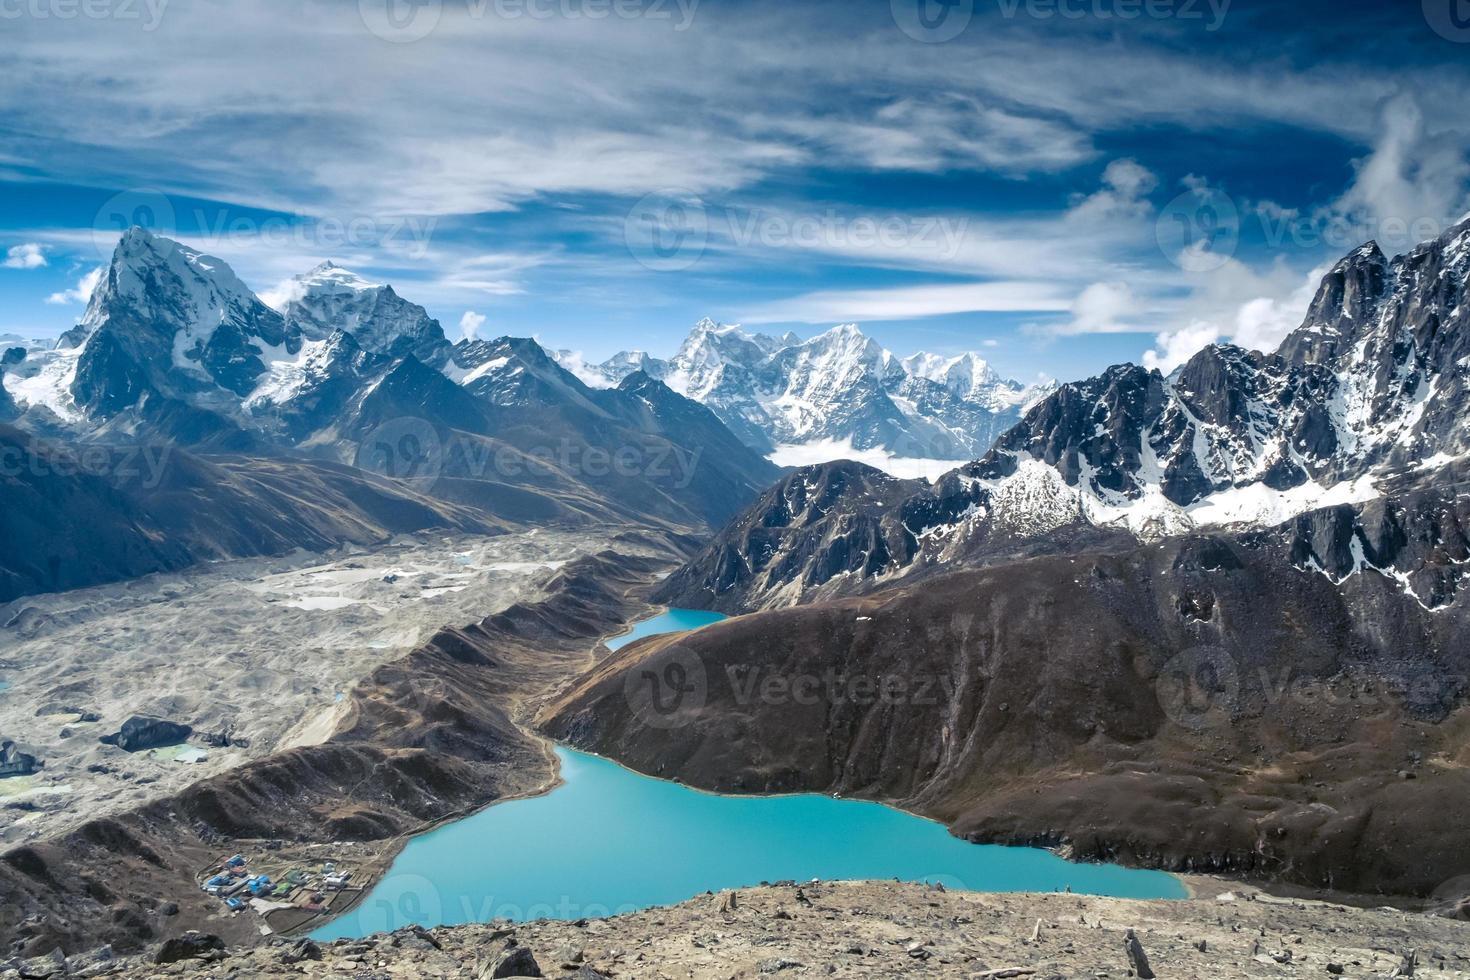 vackra snöklädda berg med sjön foto